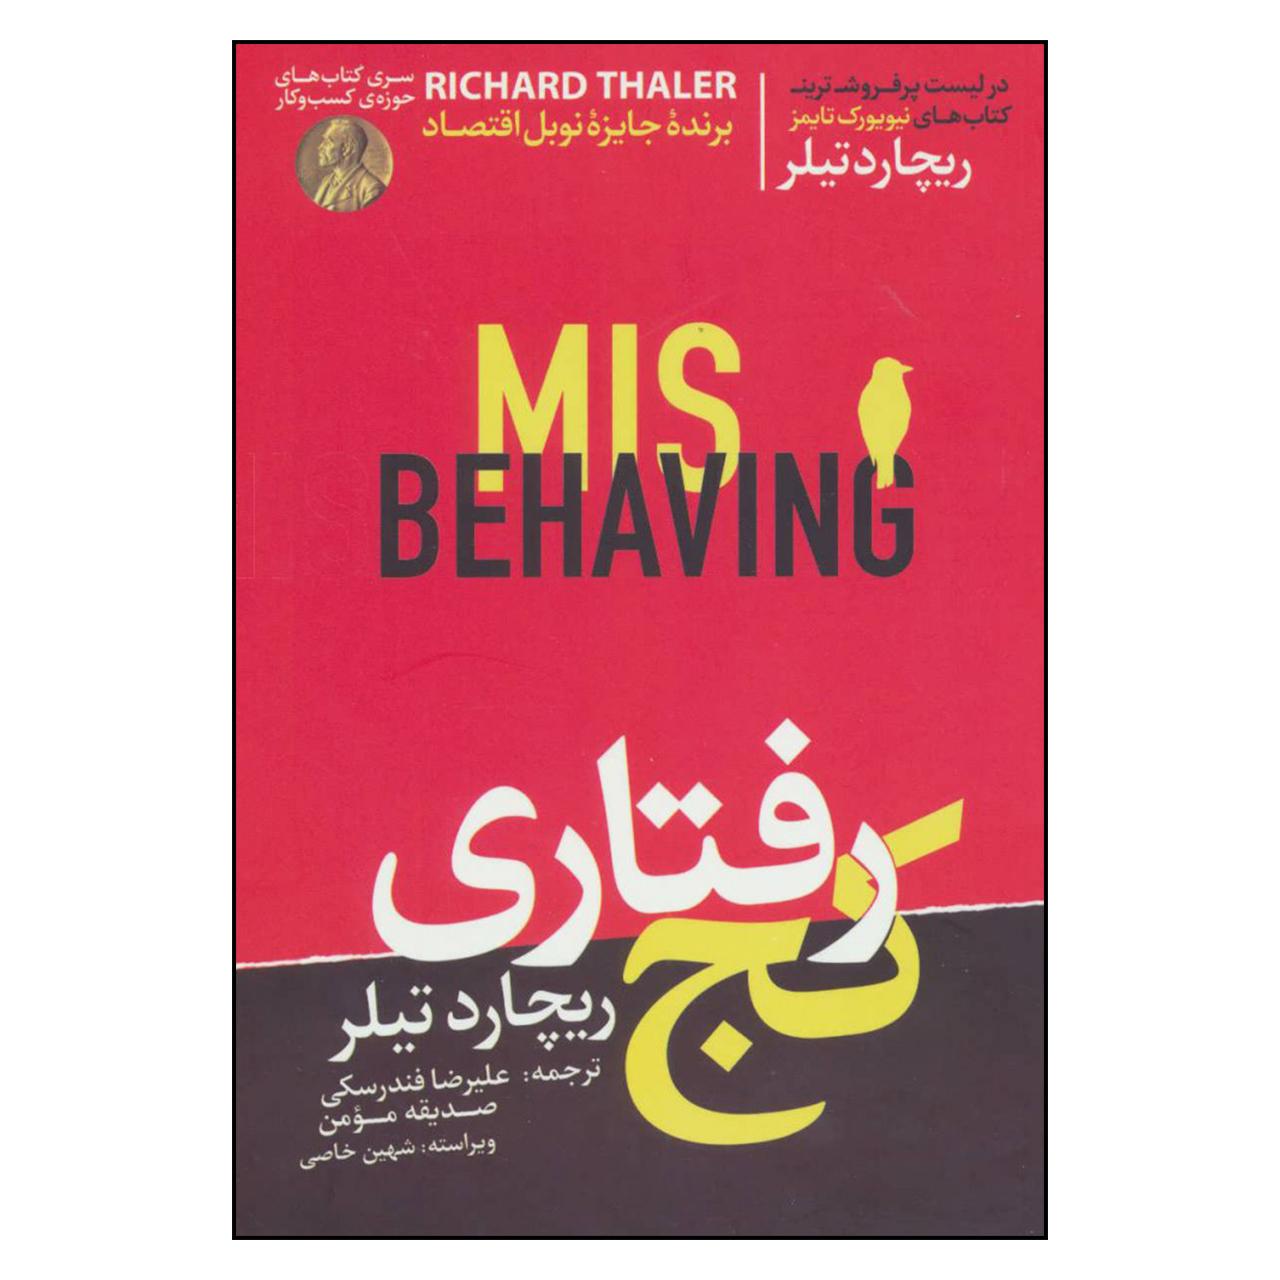 خرید                      کتاب كج رفتاري اثر ريچارد تيلر نشر هورمزد